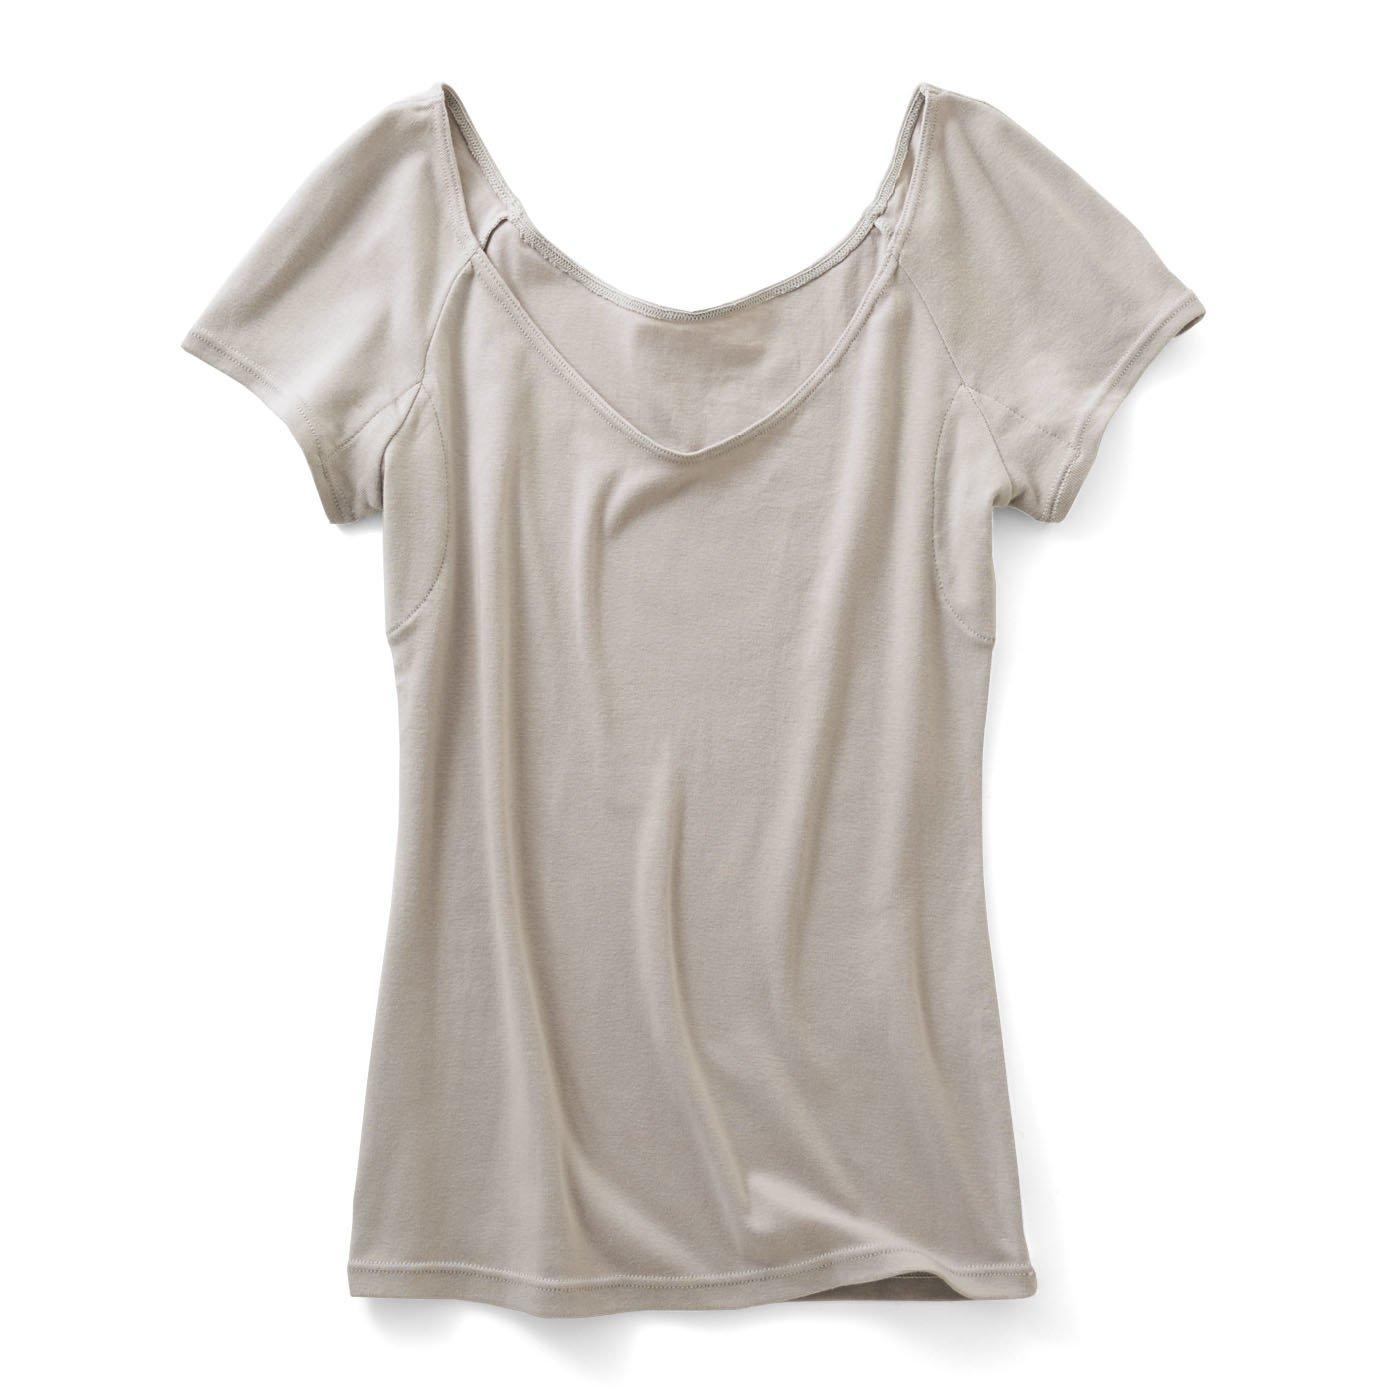 綿100%わき汗パッド付き 衿ぐり広めインナー〈グレー〉